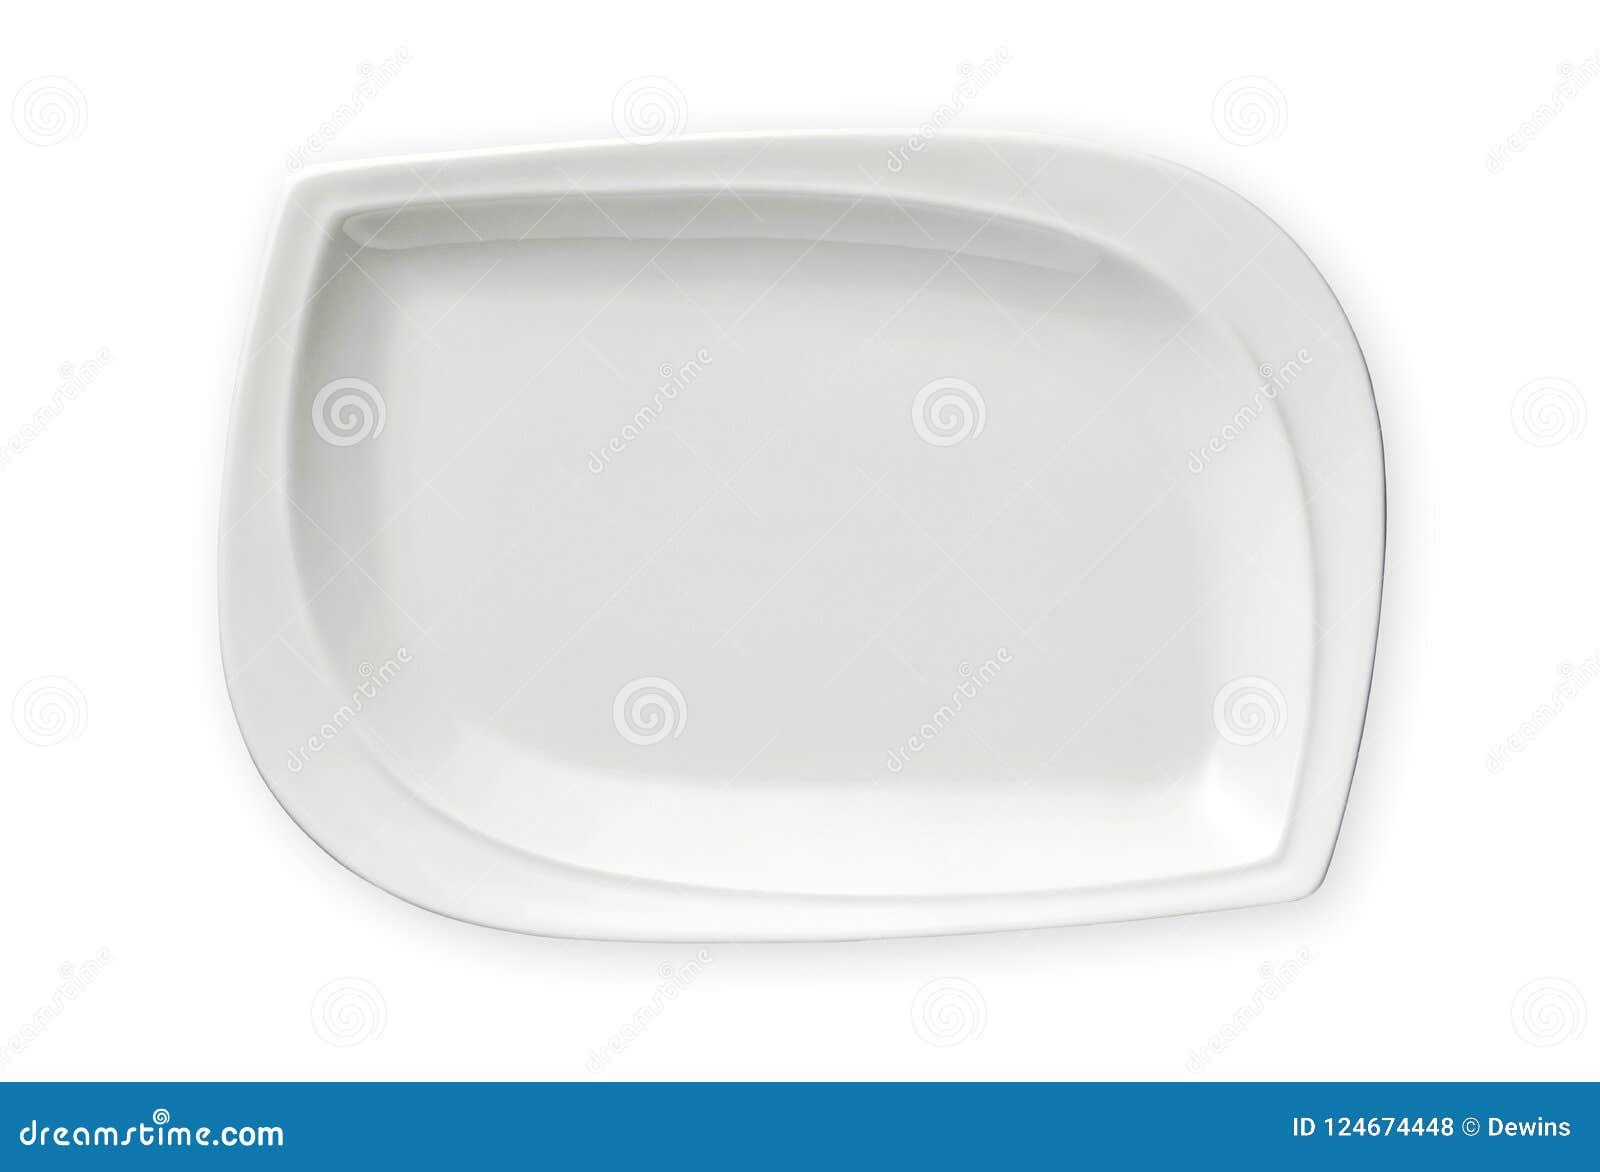 Piatto rettangolare vuoto, piatto bianco esotico, vista da sopra isolato su fondo bianco con il percorso di ritaglio